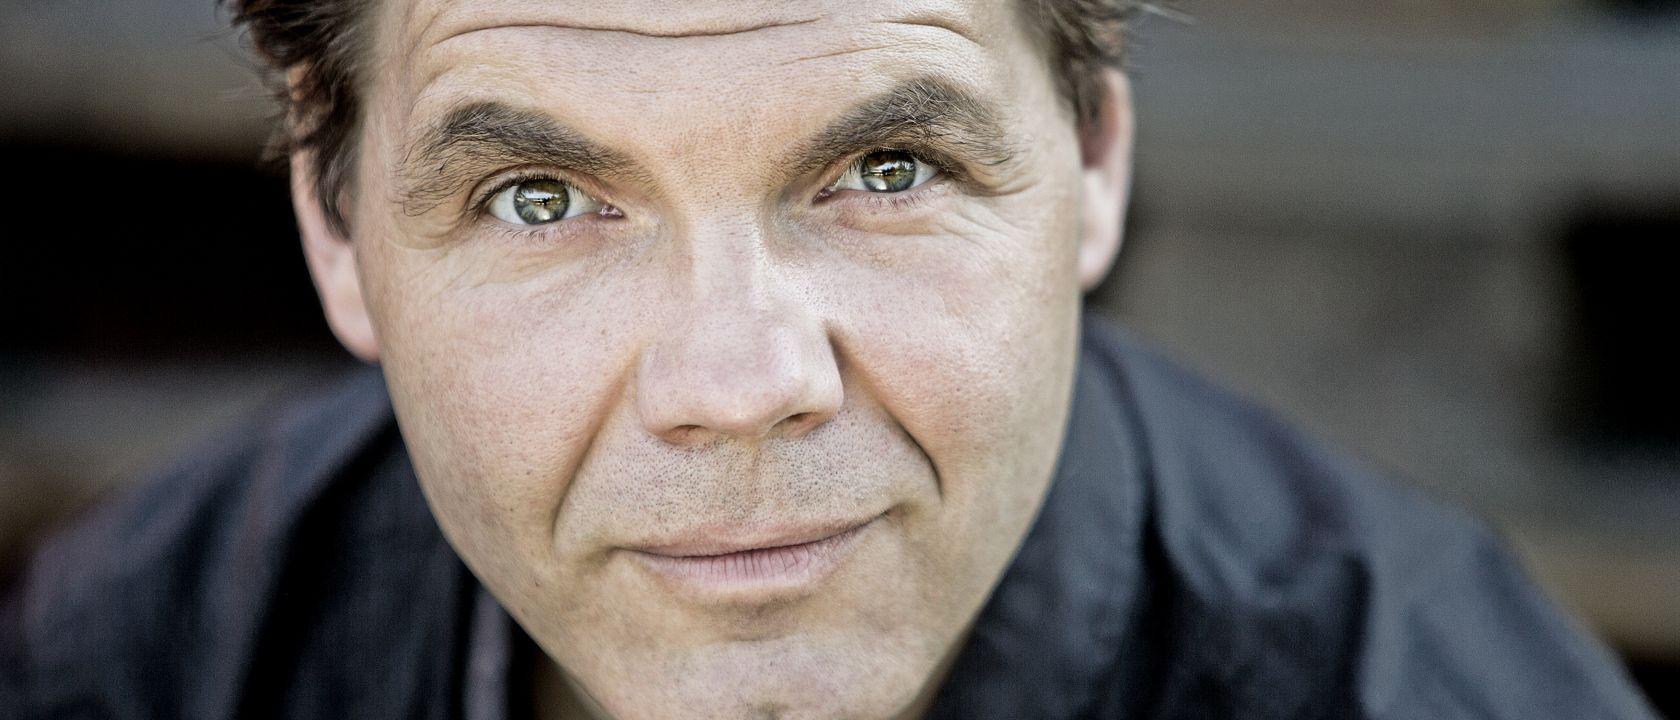 Max Hopp Orphée aux enfers Salzburger Festspiele 2019